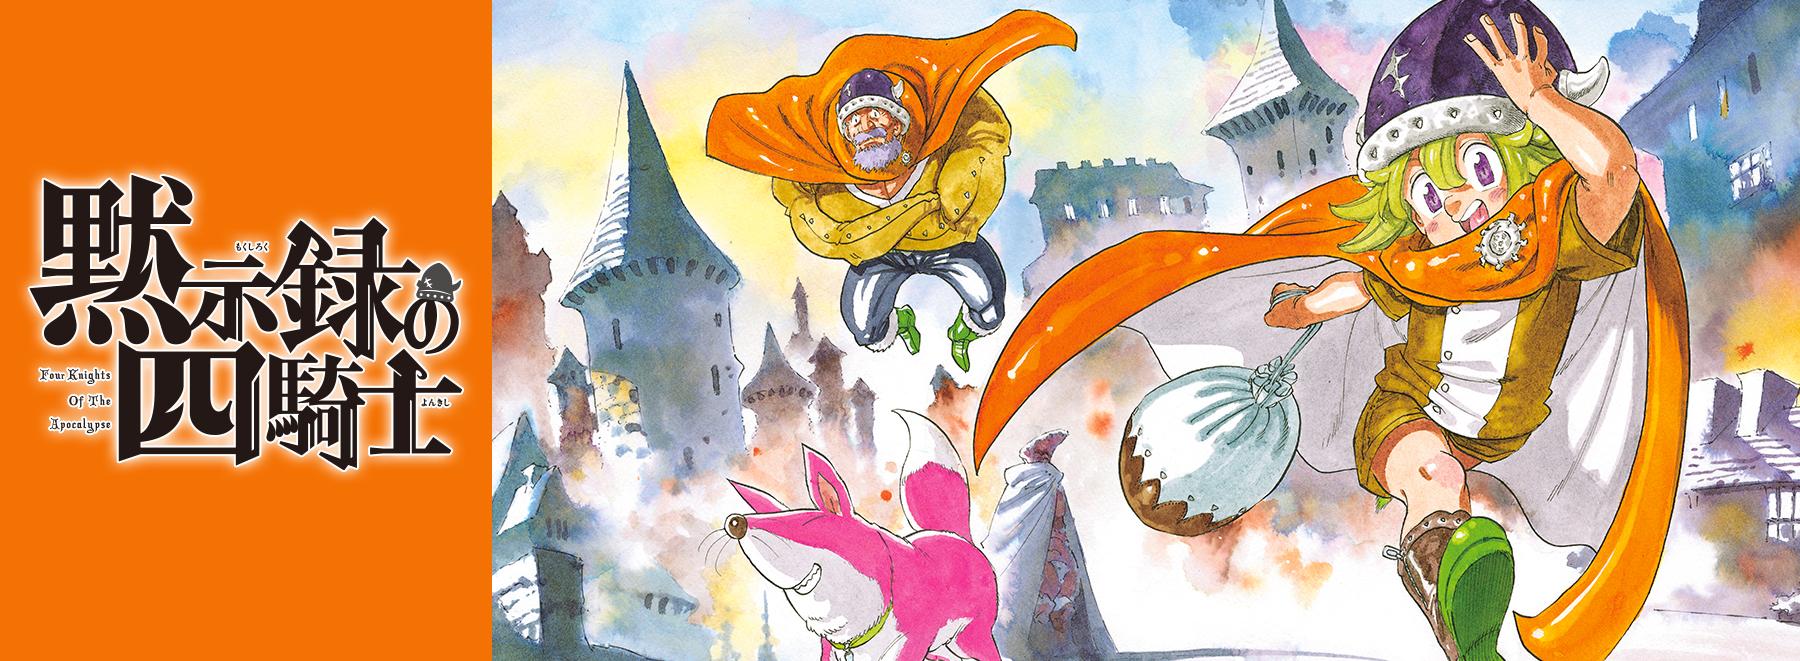 『黙示録の四騎士』のストーリー、キャラクター、見どころを大公開! 関連記事・動画もチェックできるよ!